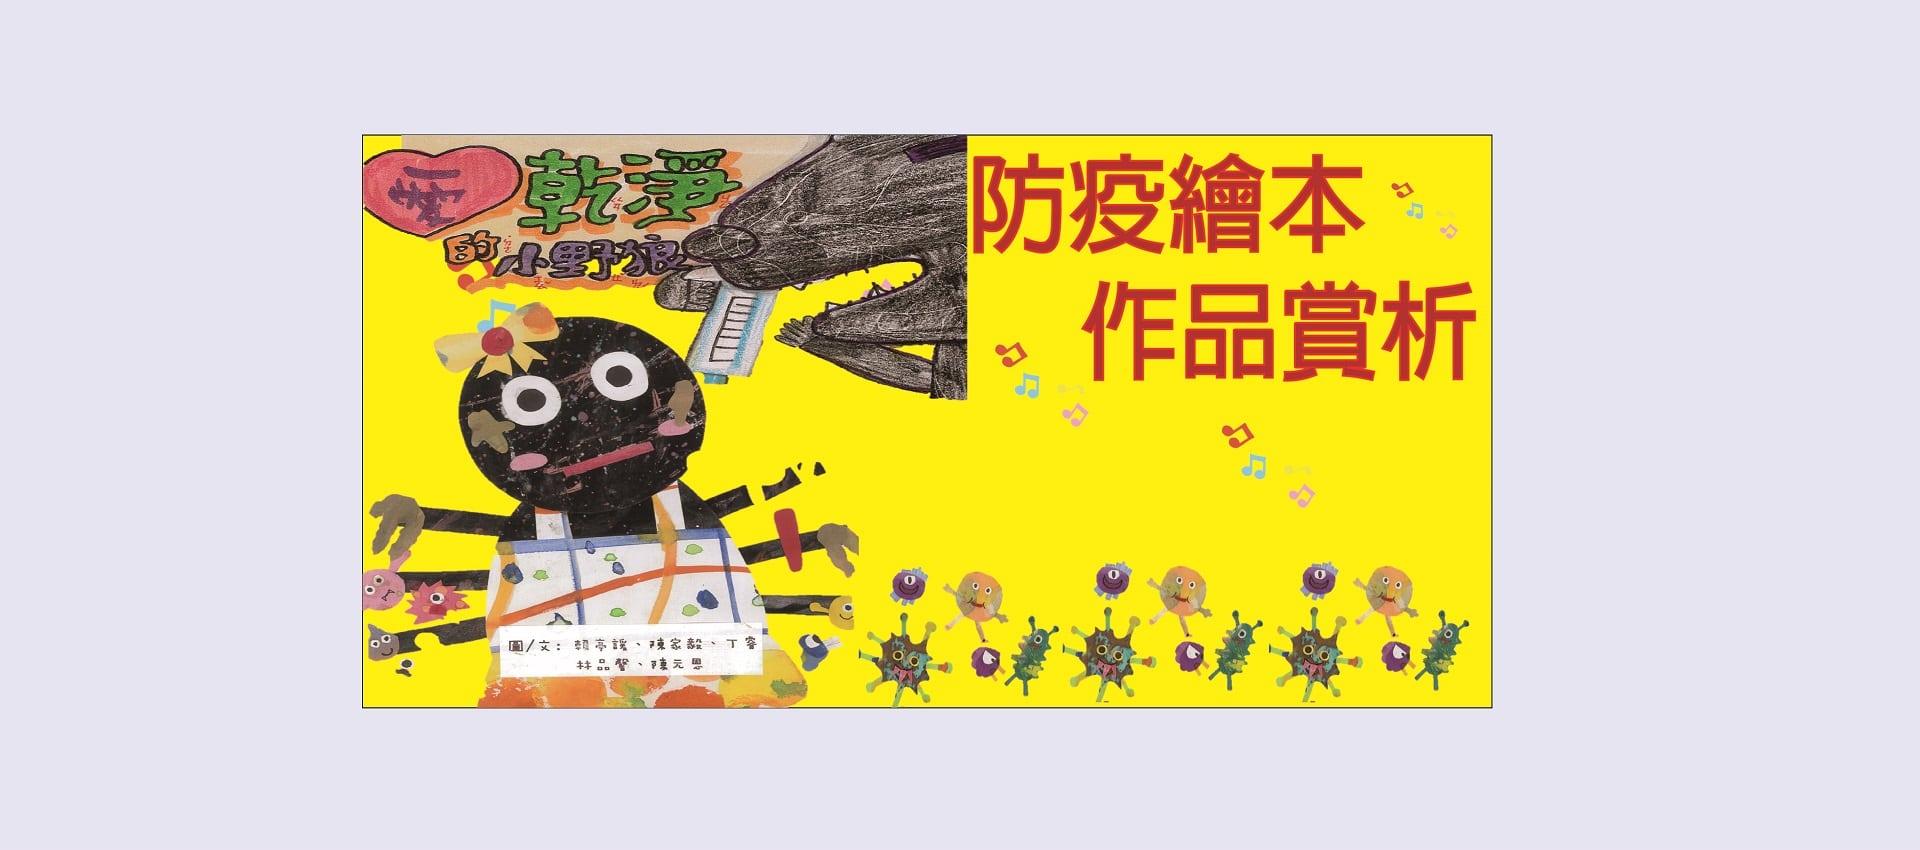 財團法人歐巴尼紀念基金會 Taiwan Urbani Foundation – 運用社會資源,結合民間力量,協助政府辦理傳染病防治業務